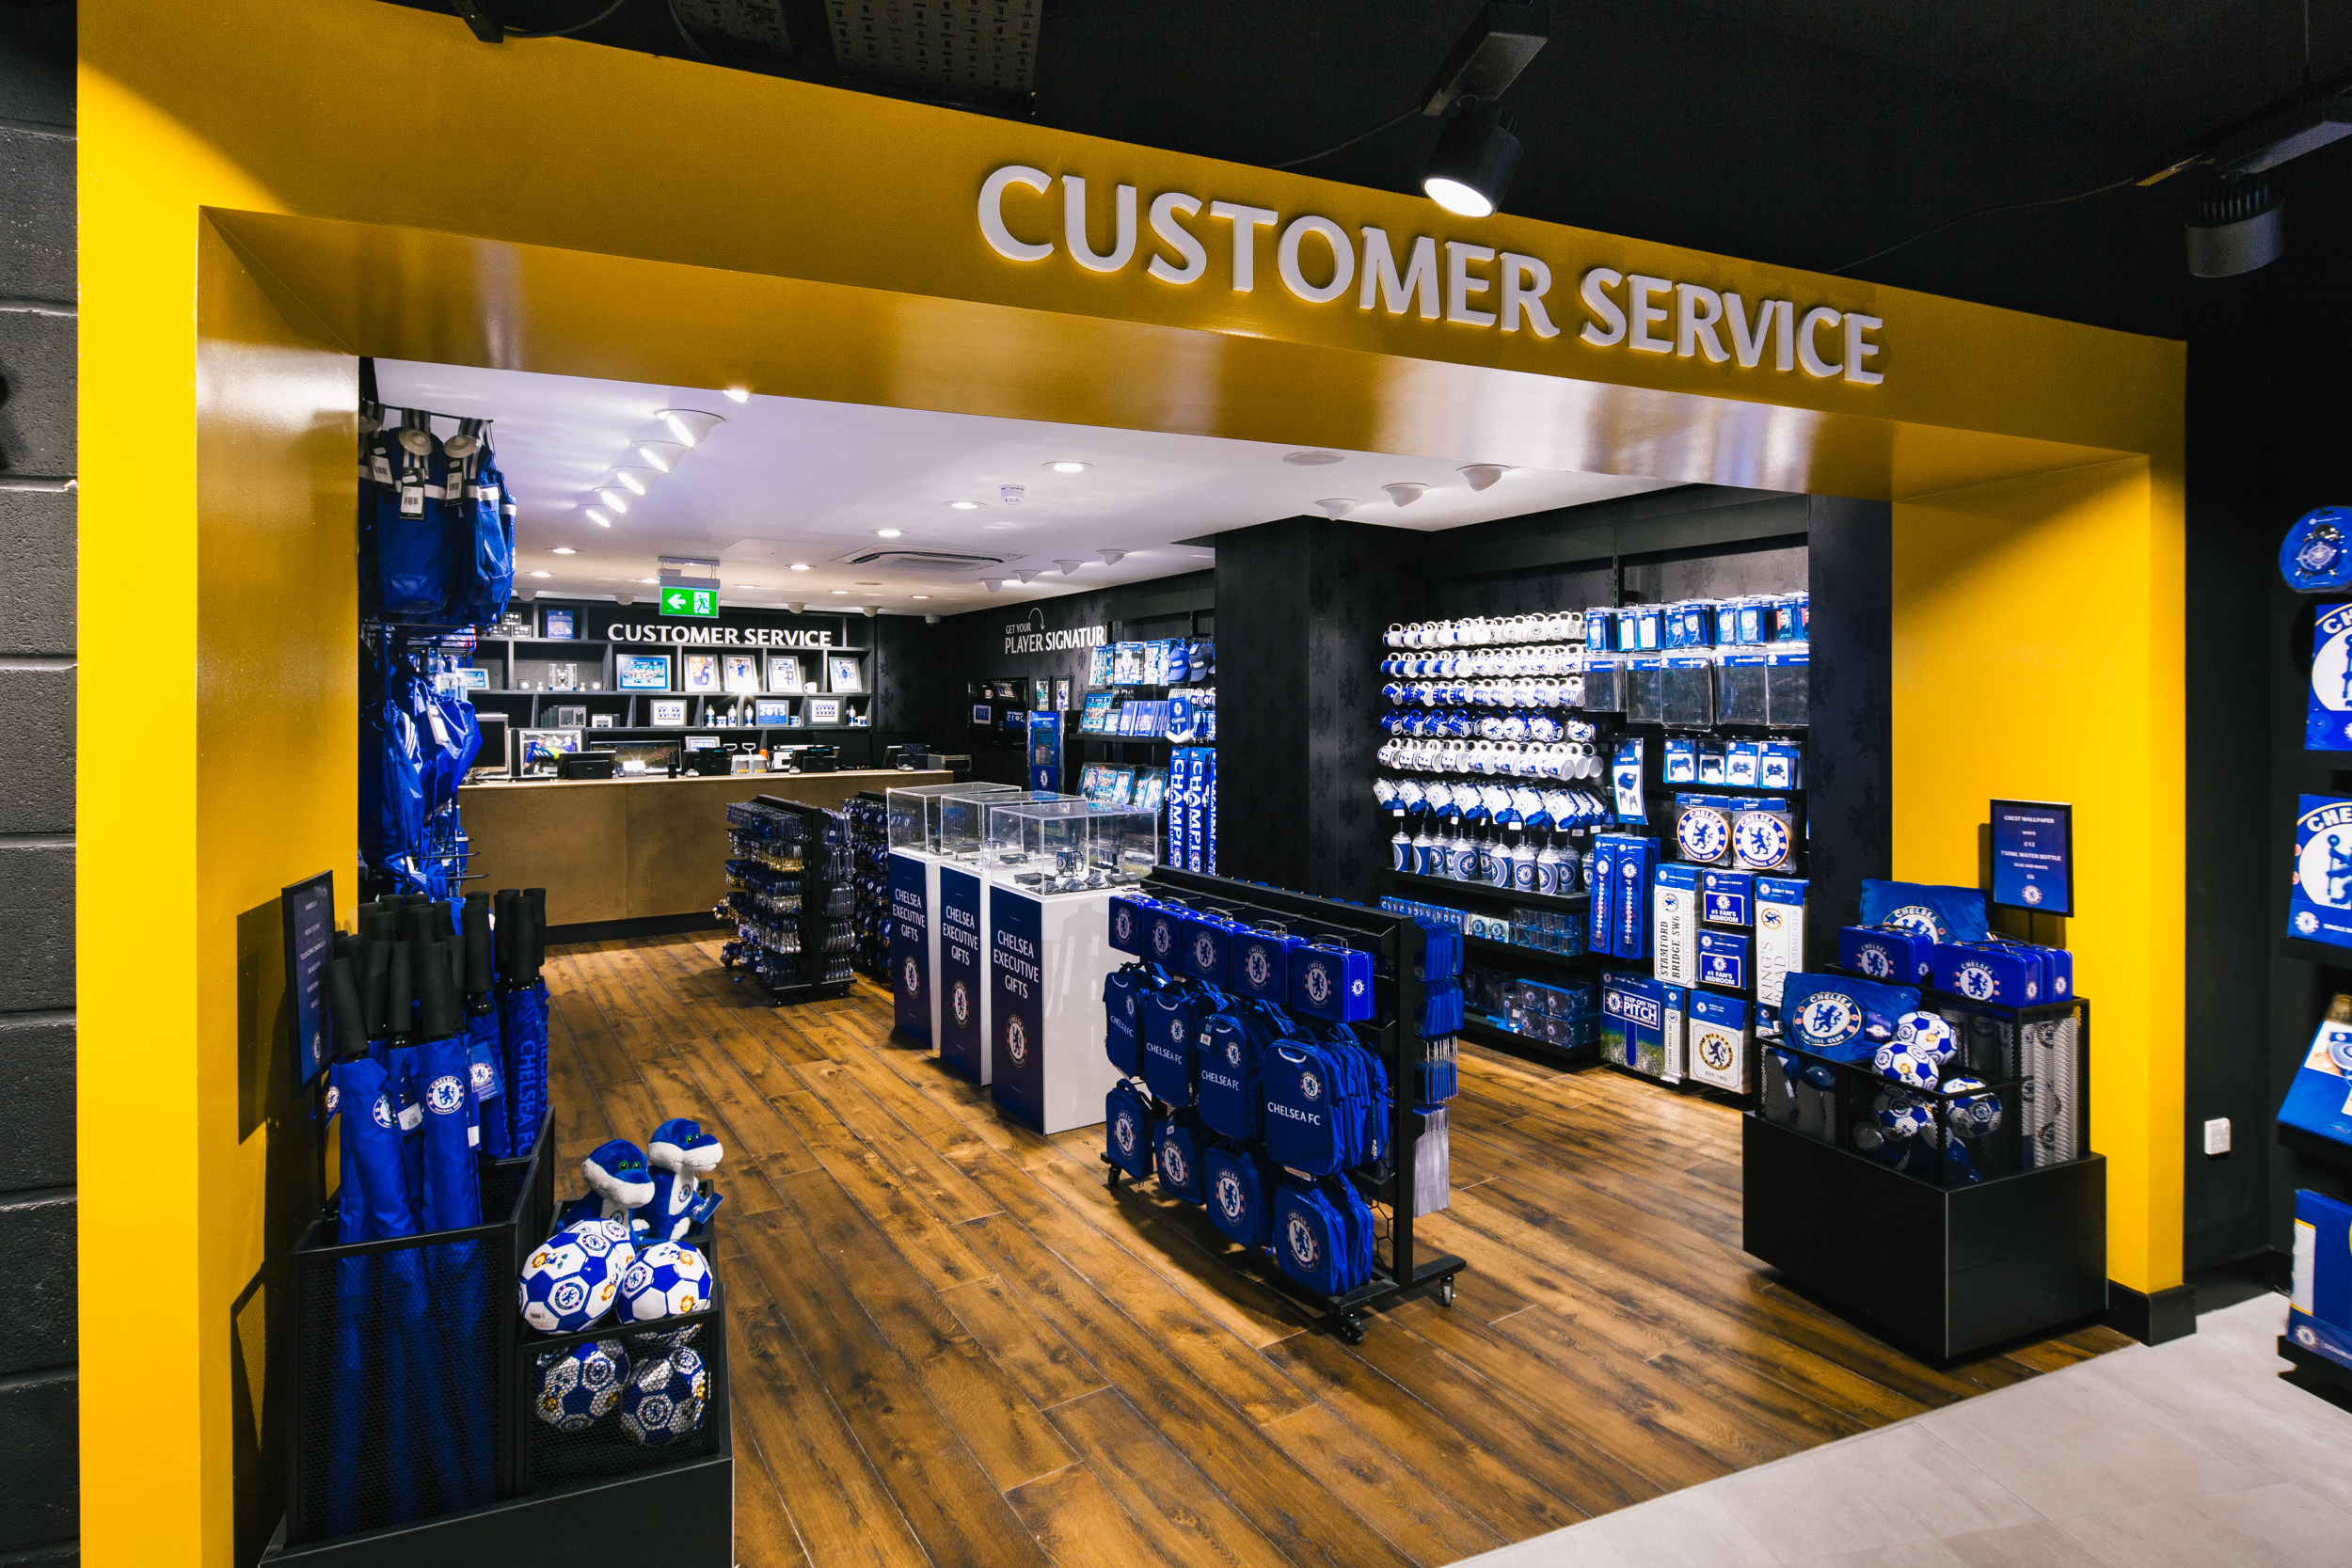 Chelsea-Megastore-Shop-Overview - RPA Group